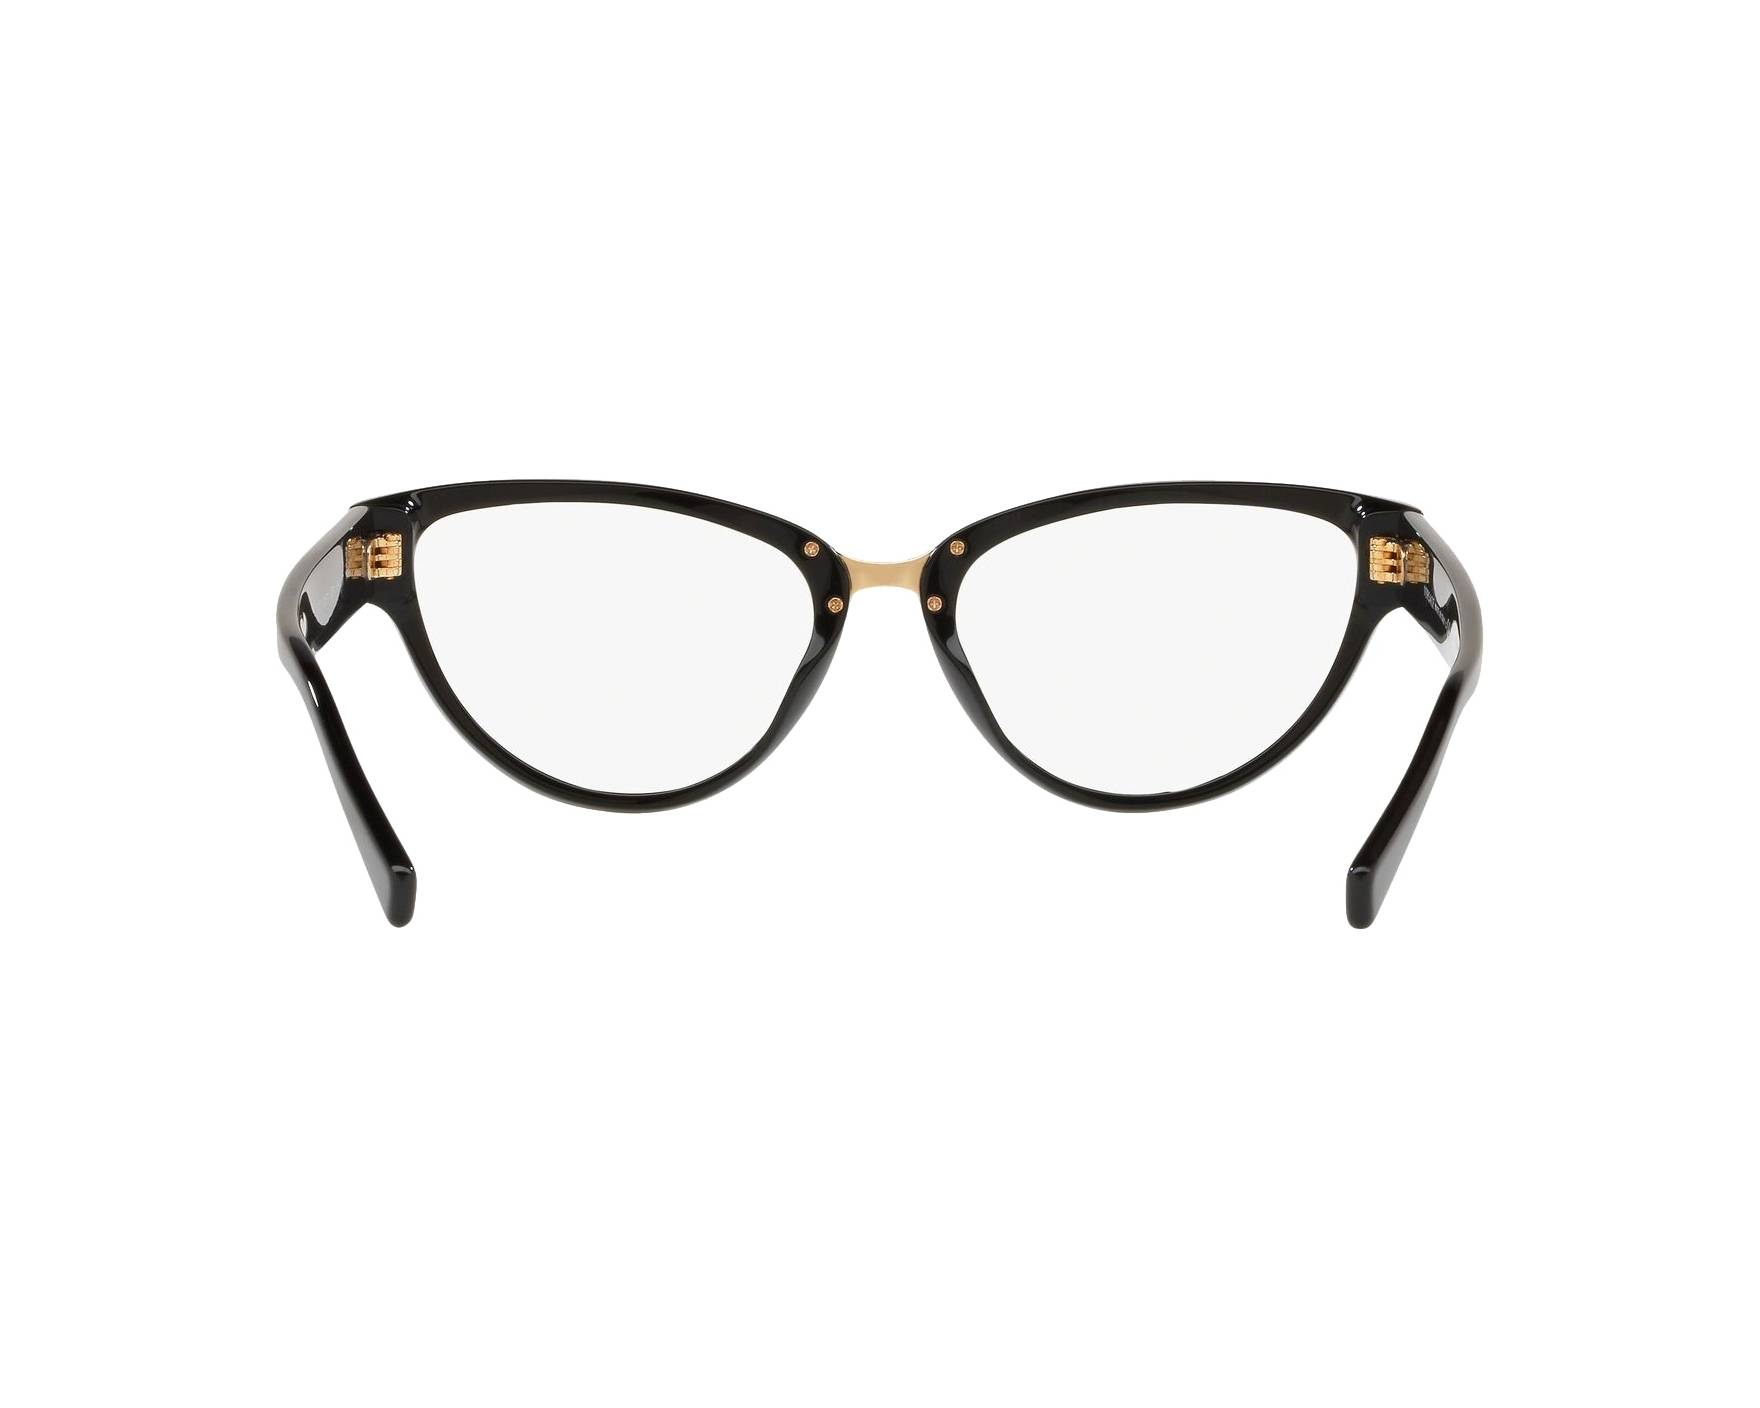 d45922c5c83 eyeglasses Versace VE-3267 GB1 53-17 Black 360 degree view 7